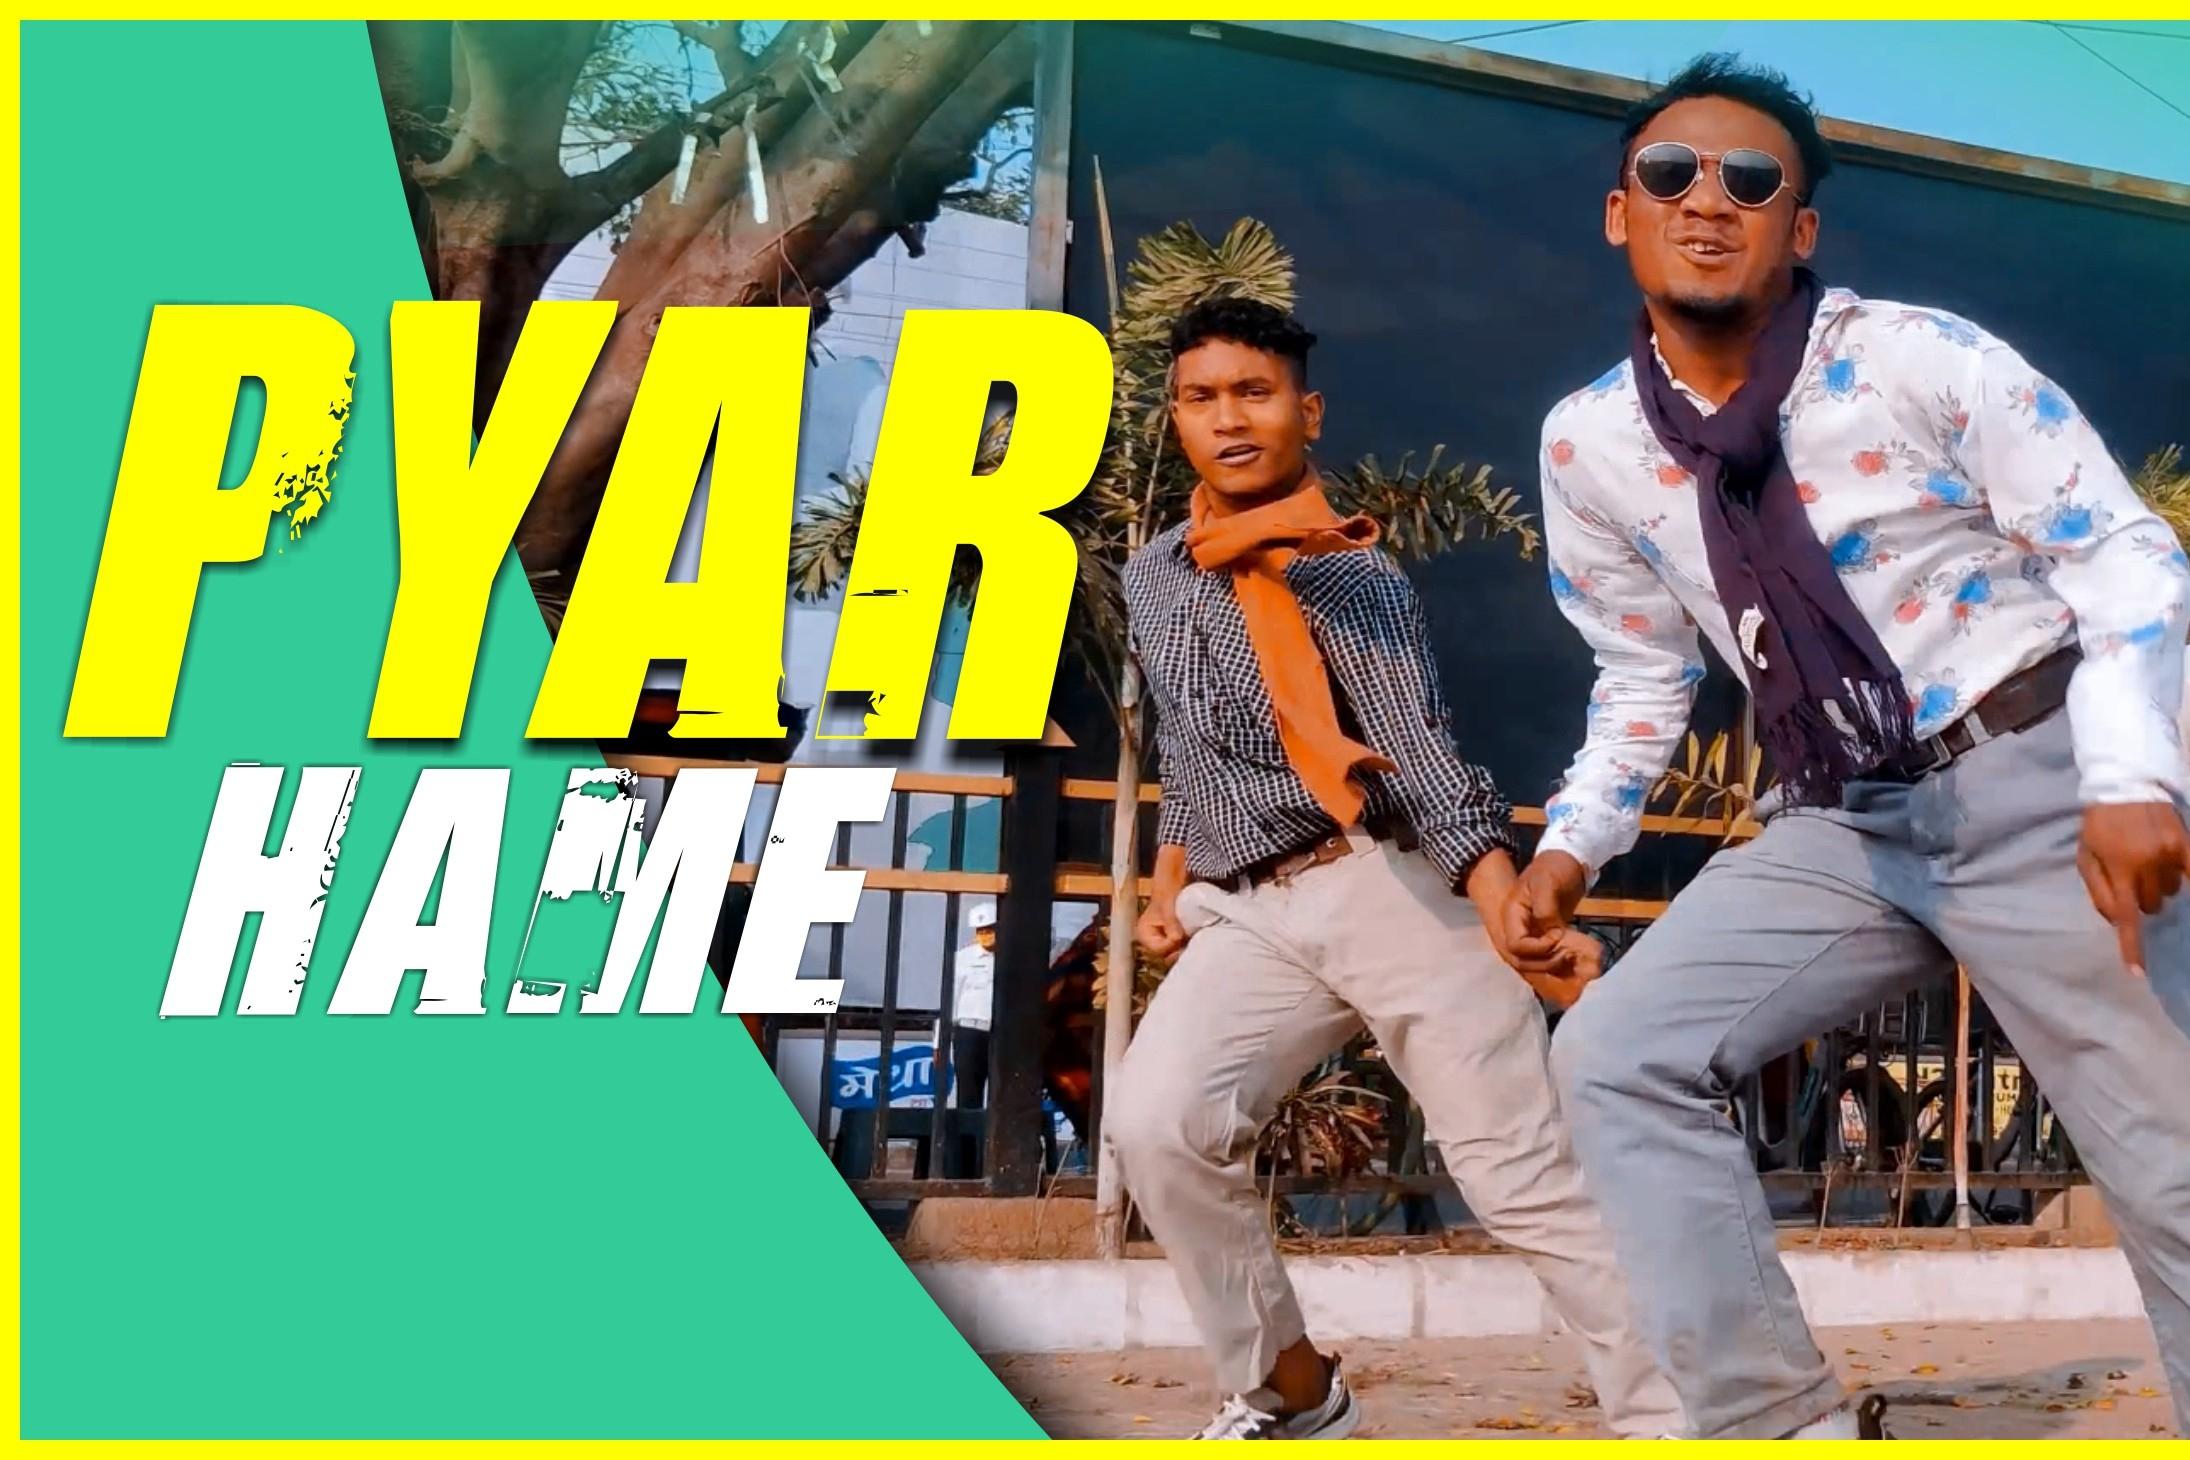 bhut byankar dance 2021